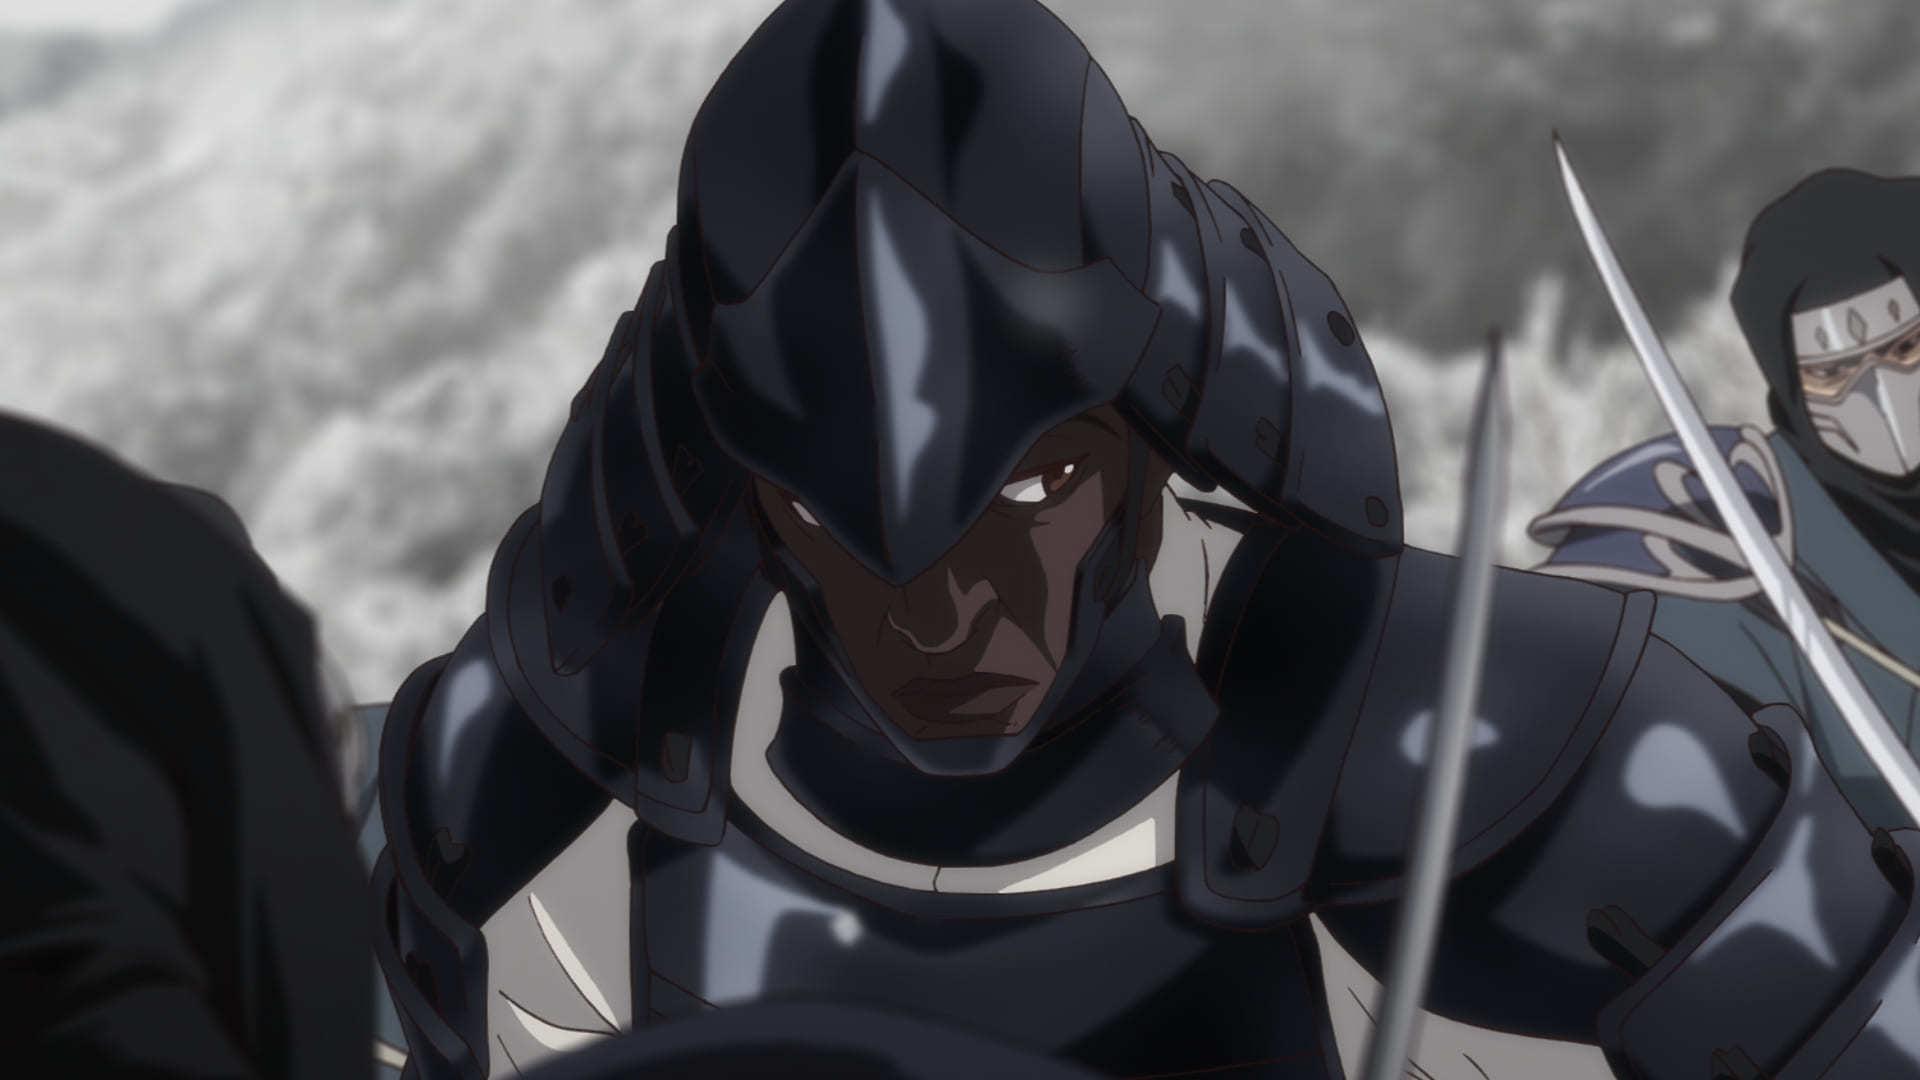 Netflixオリジナルアニメシリーズ 「Yasuke -ヤスケ-」